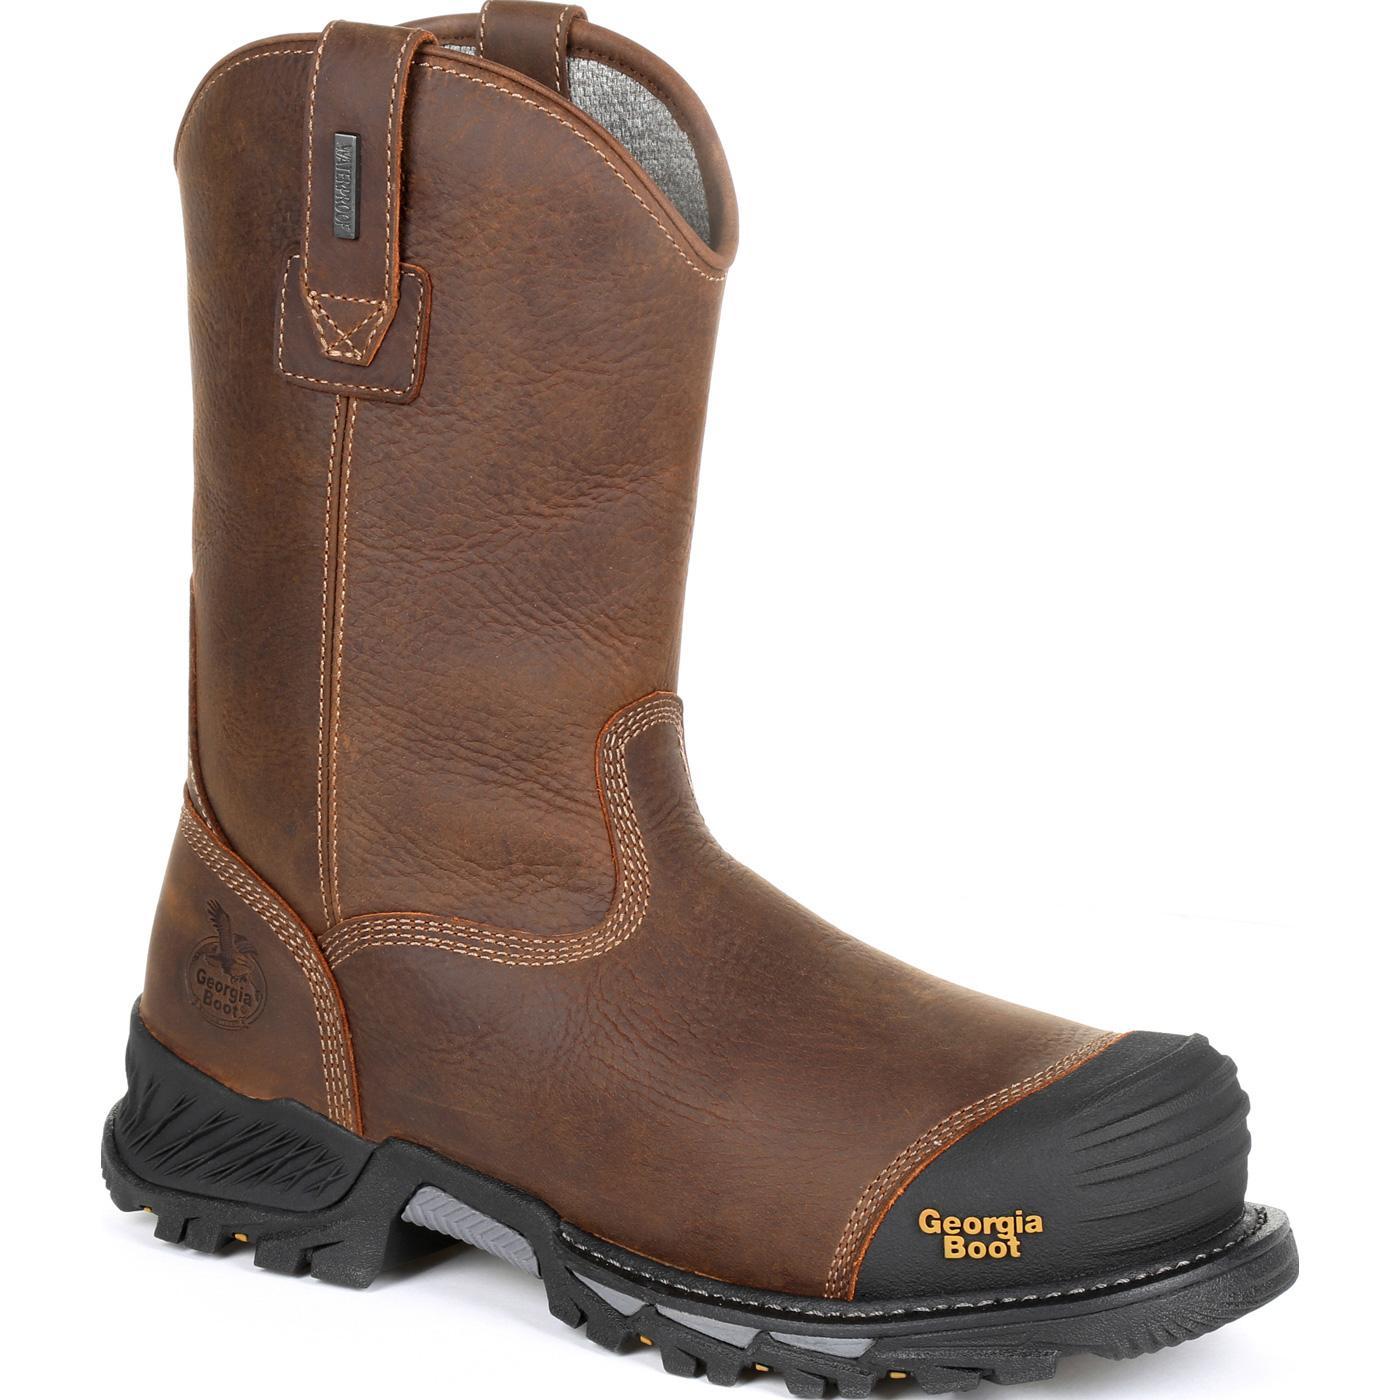 719757252de Georgia Boot Rumbler Composite Toe Waterproof Pull-on Work Boot